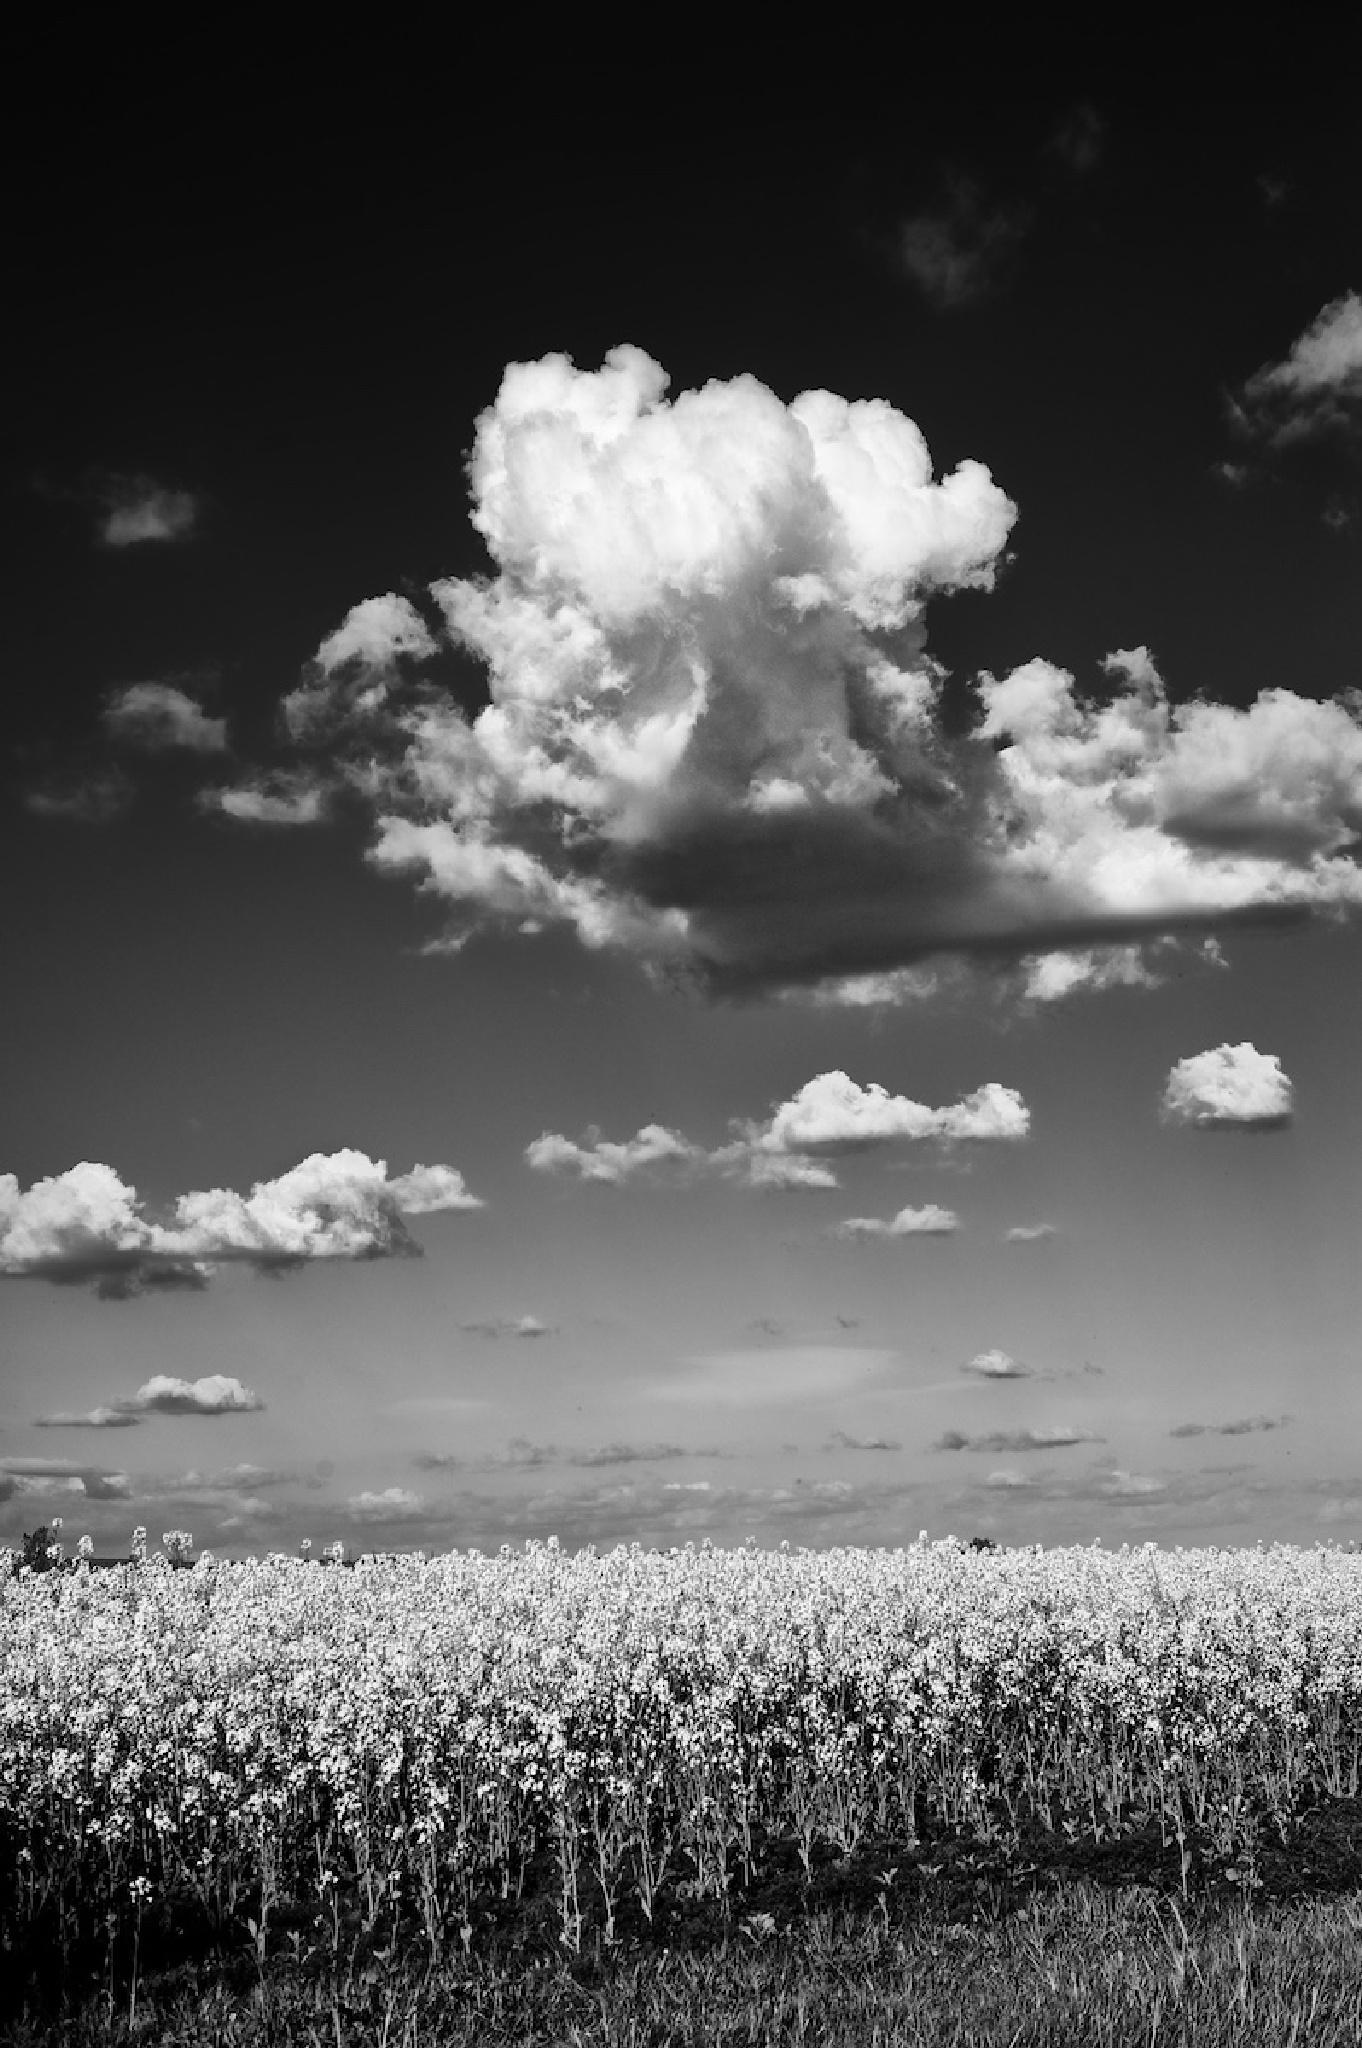 Cloud by Ian K. Iles